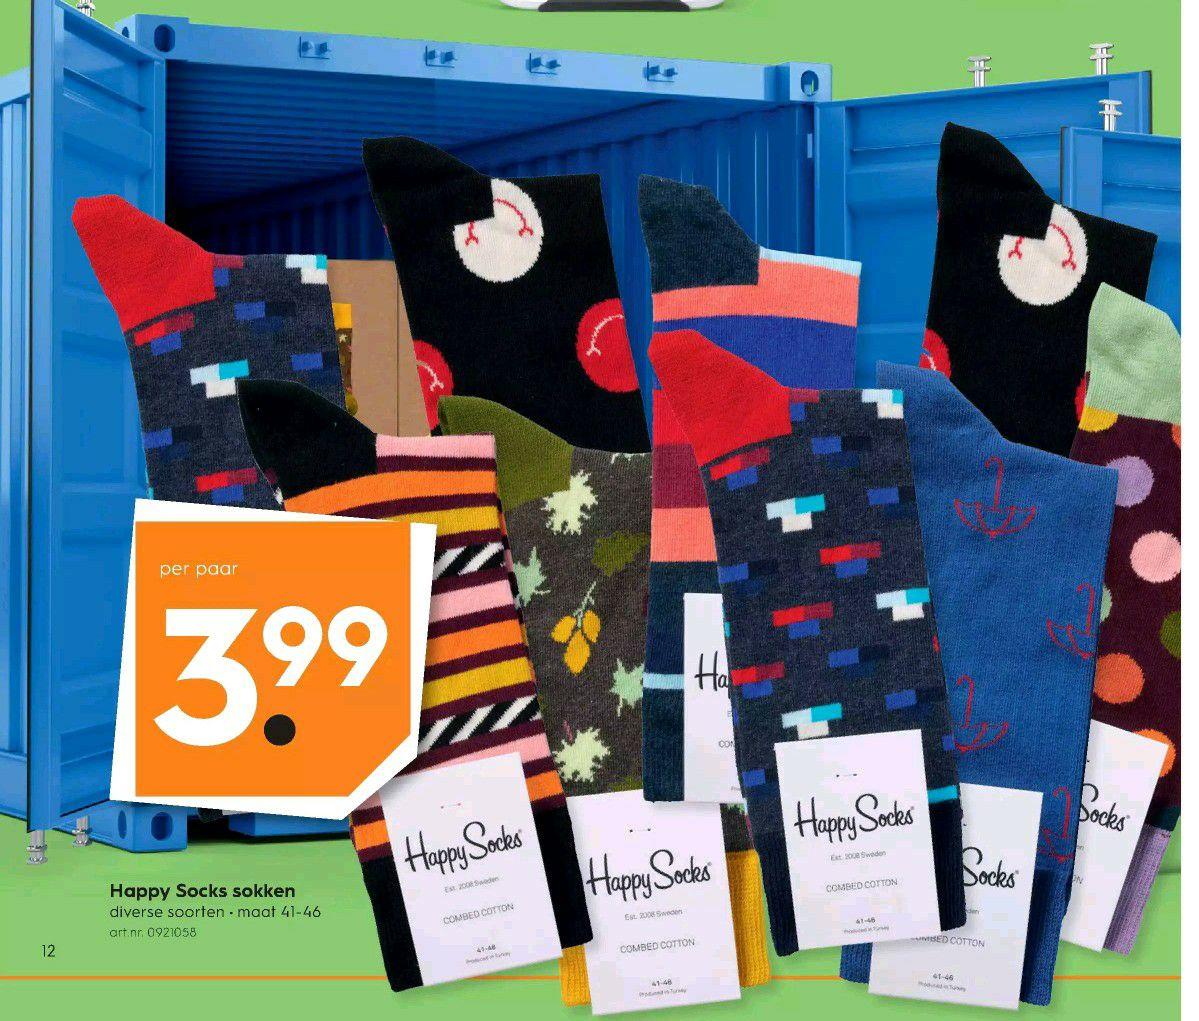 Happy Socks @blokker voor €3,99